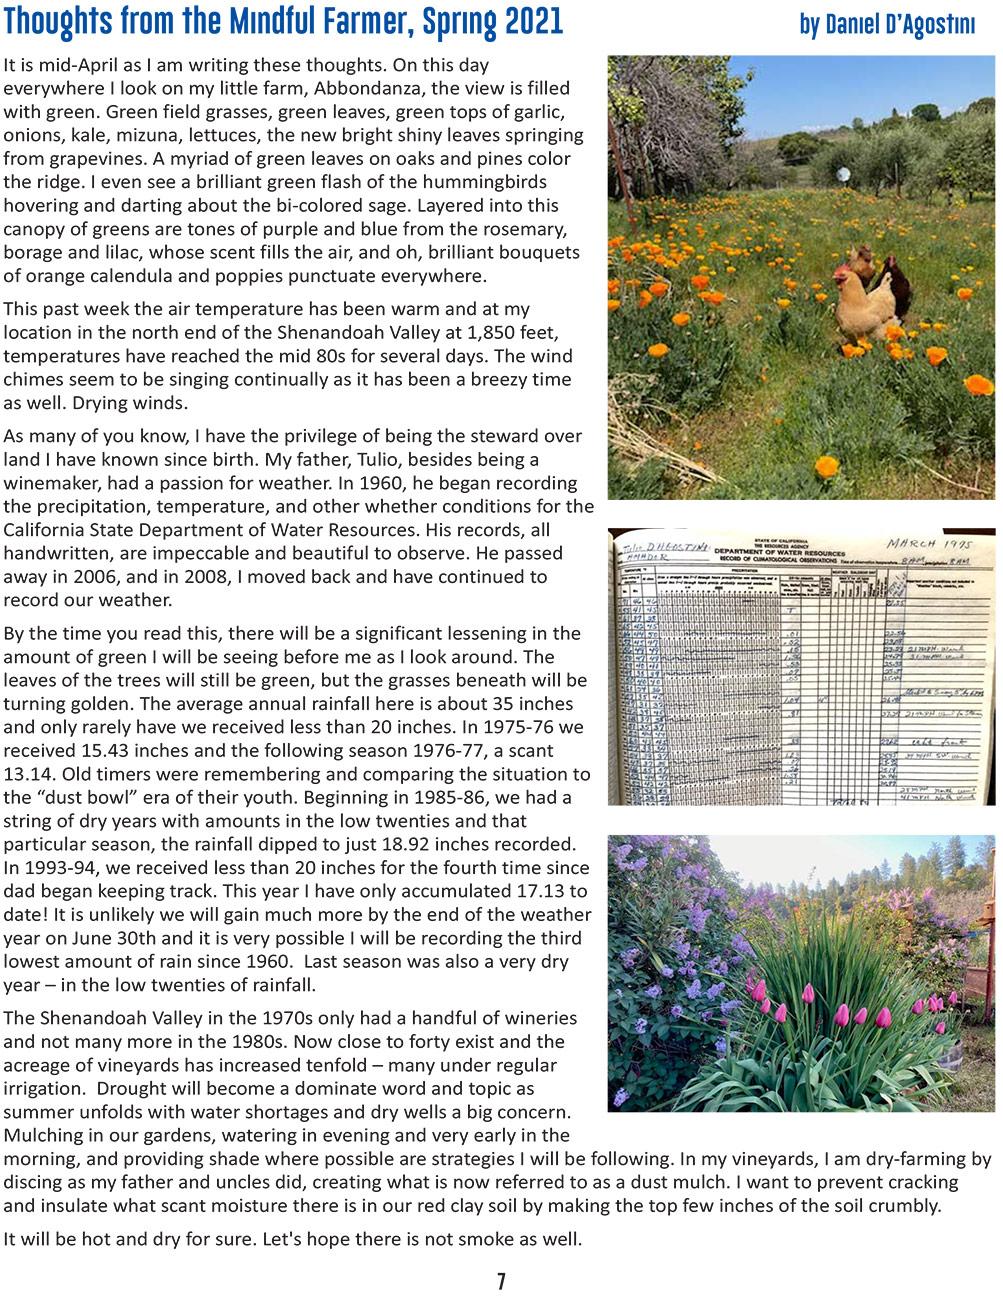 foa spring newsletter pg 7